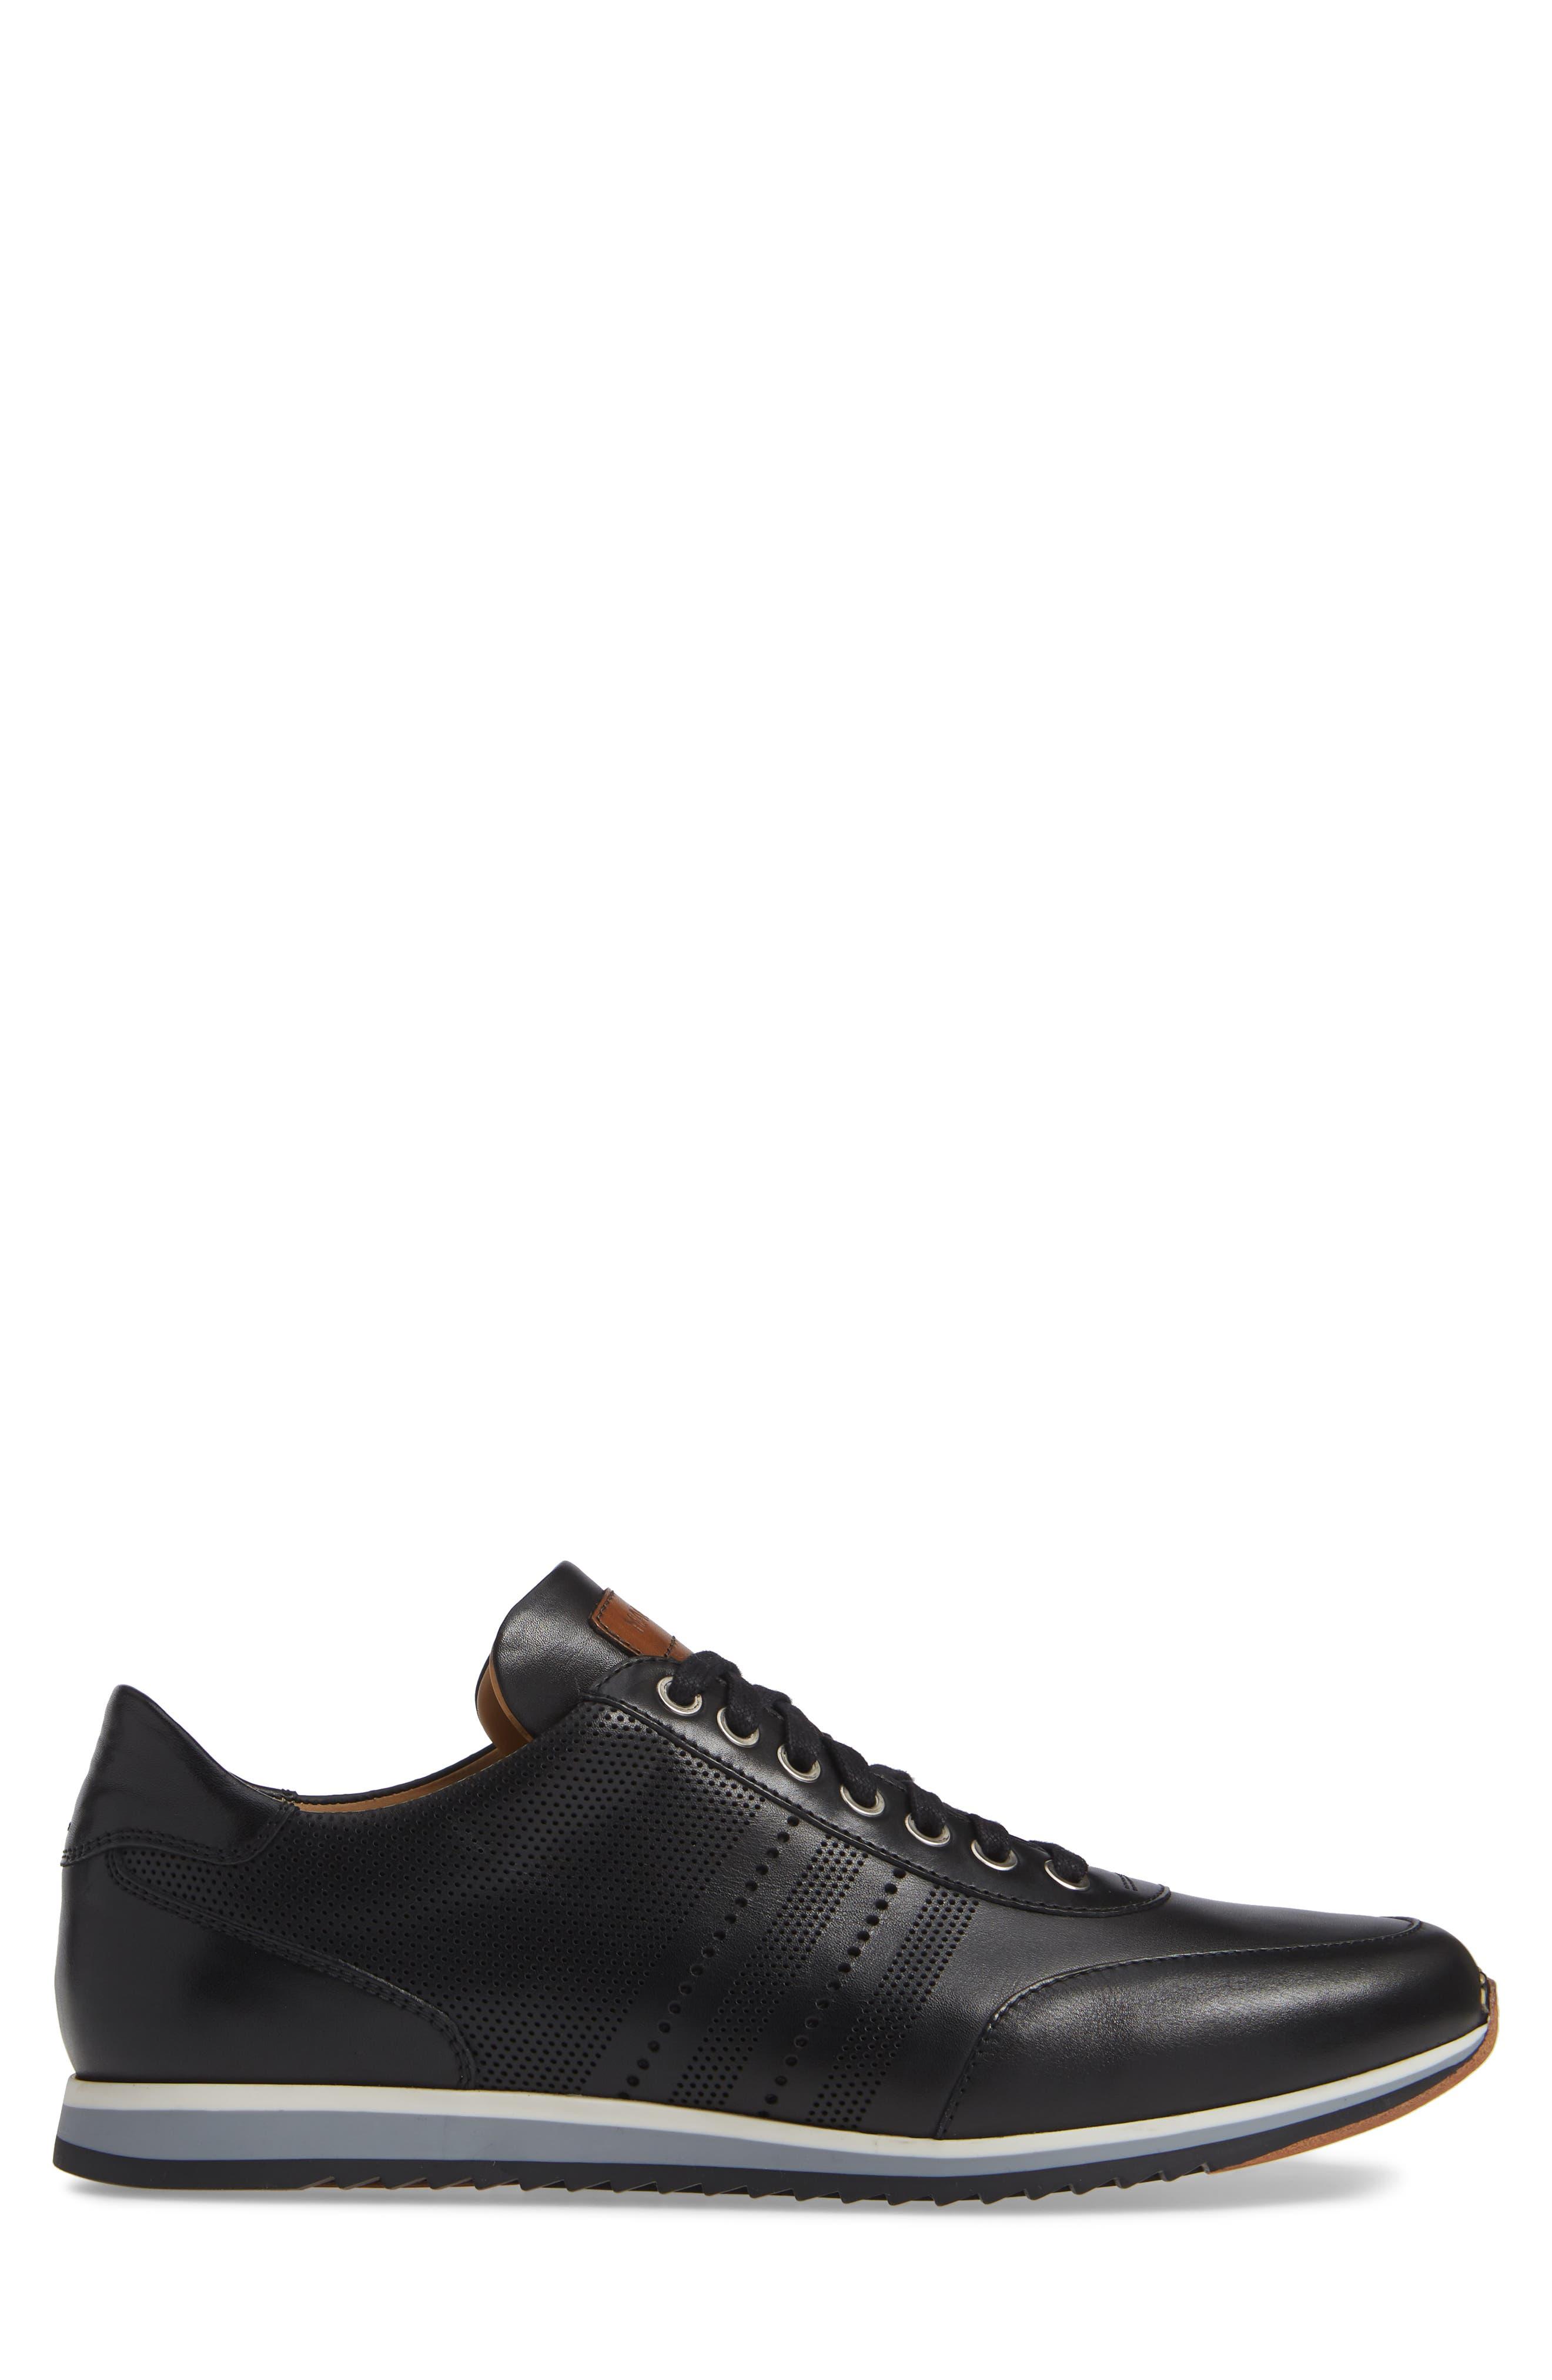 Merino Sneaker,                             Alternate thumbnail 3, color,                             BLACK LEATHER